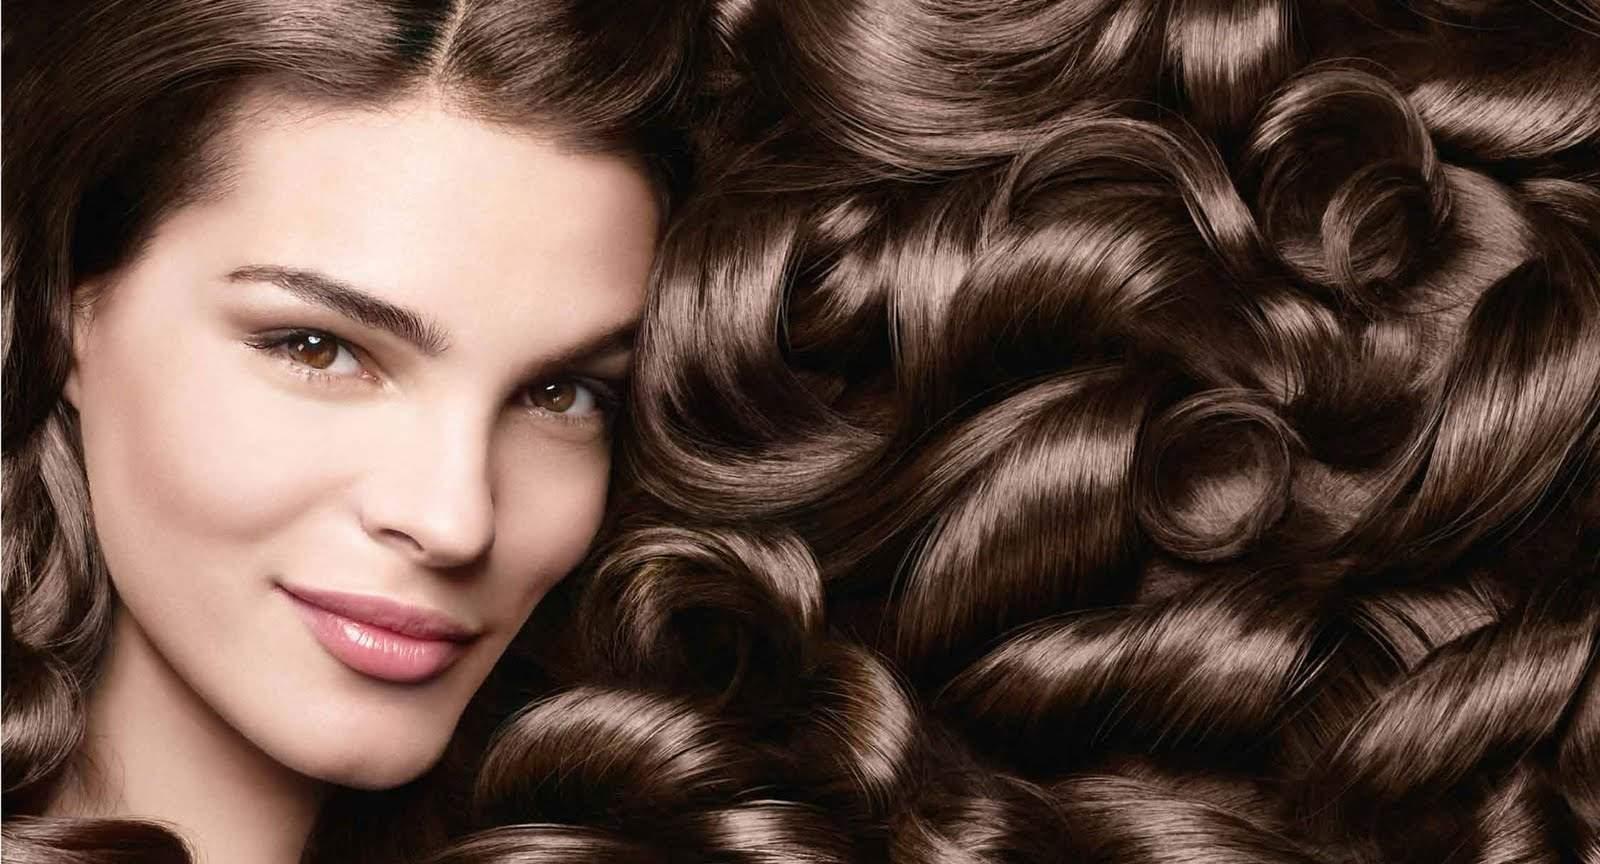 alimentacao para ter cabelos bonitos 3 - Cabelos Lindos em  8 Passos